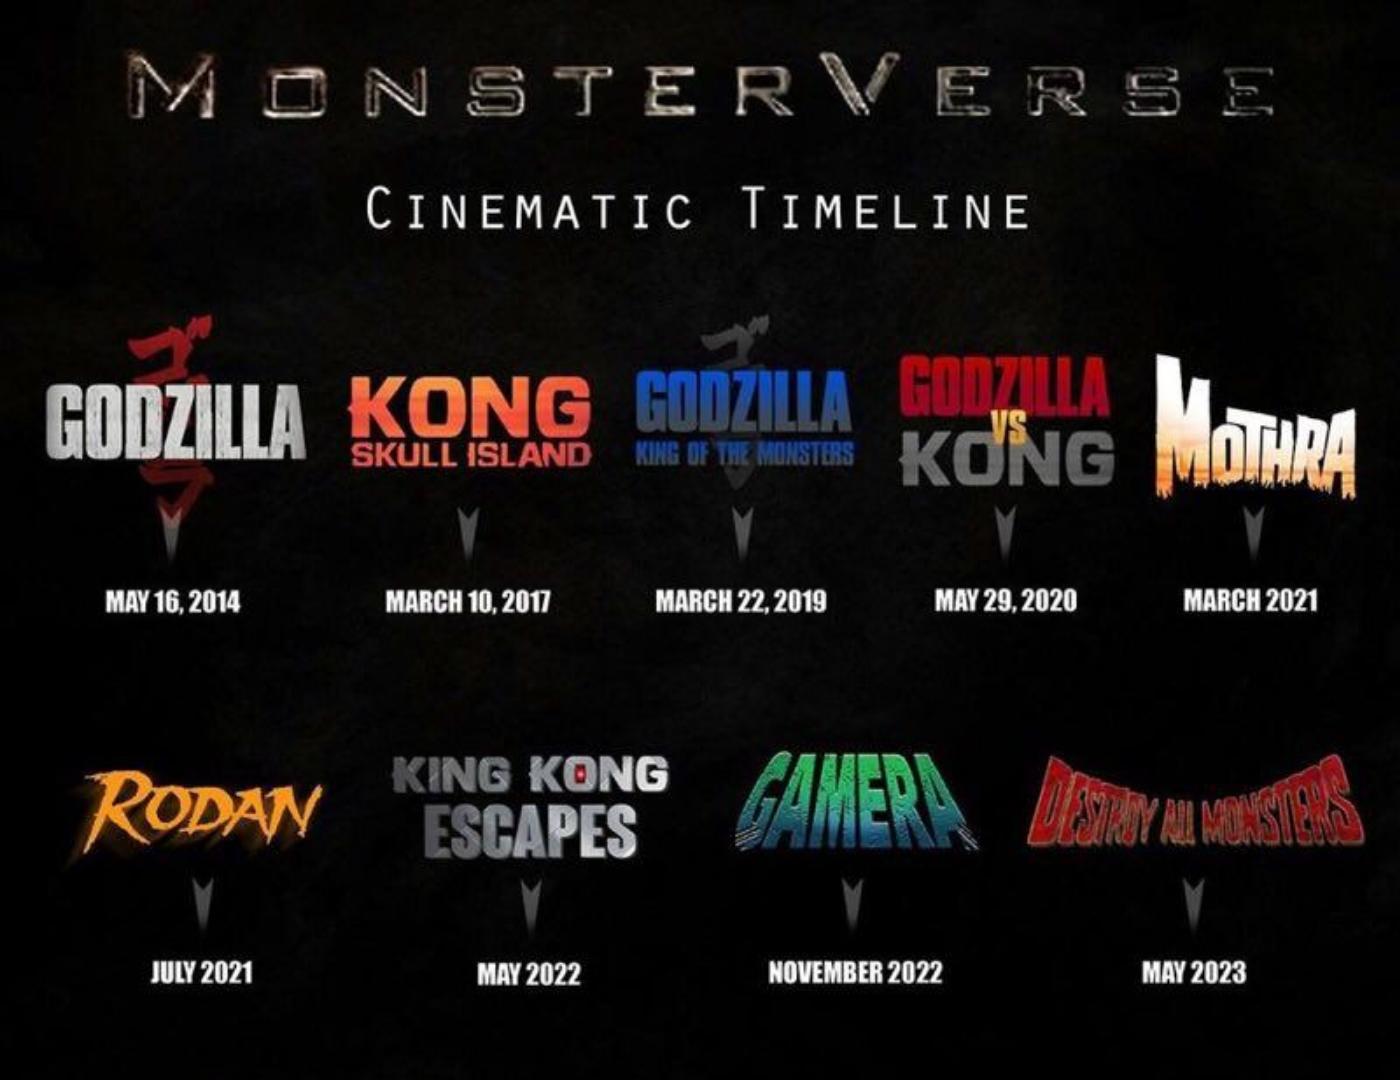 Was sagt ihr zu den Filmen was kommen sollen?